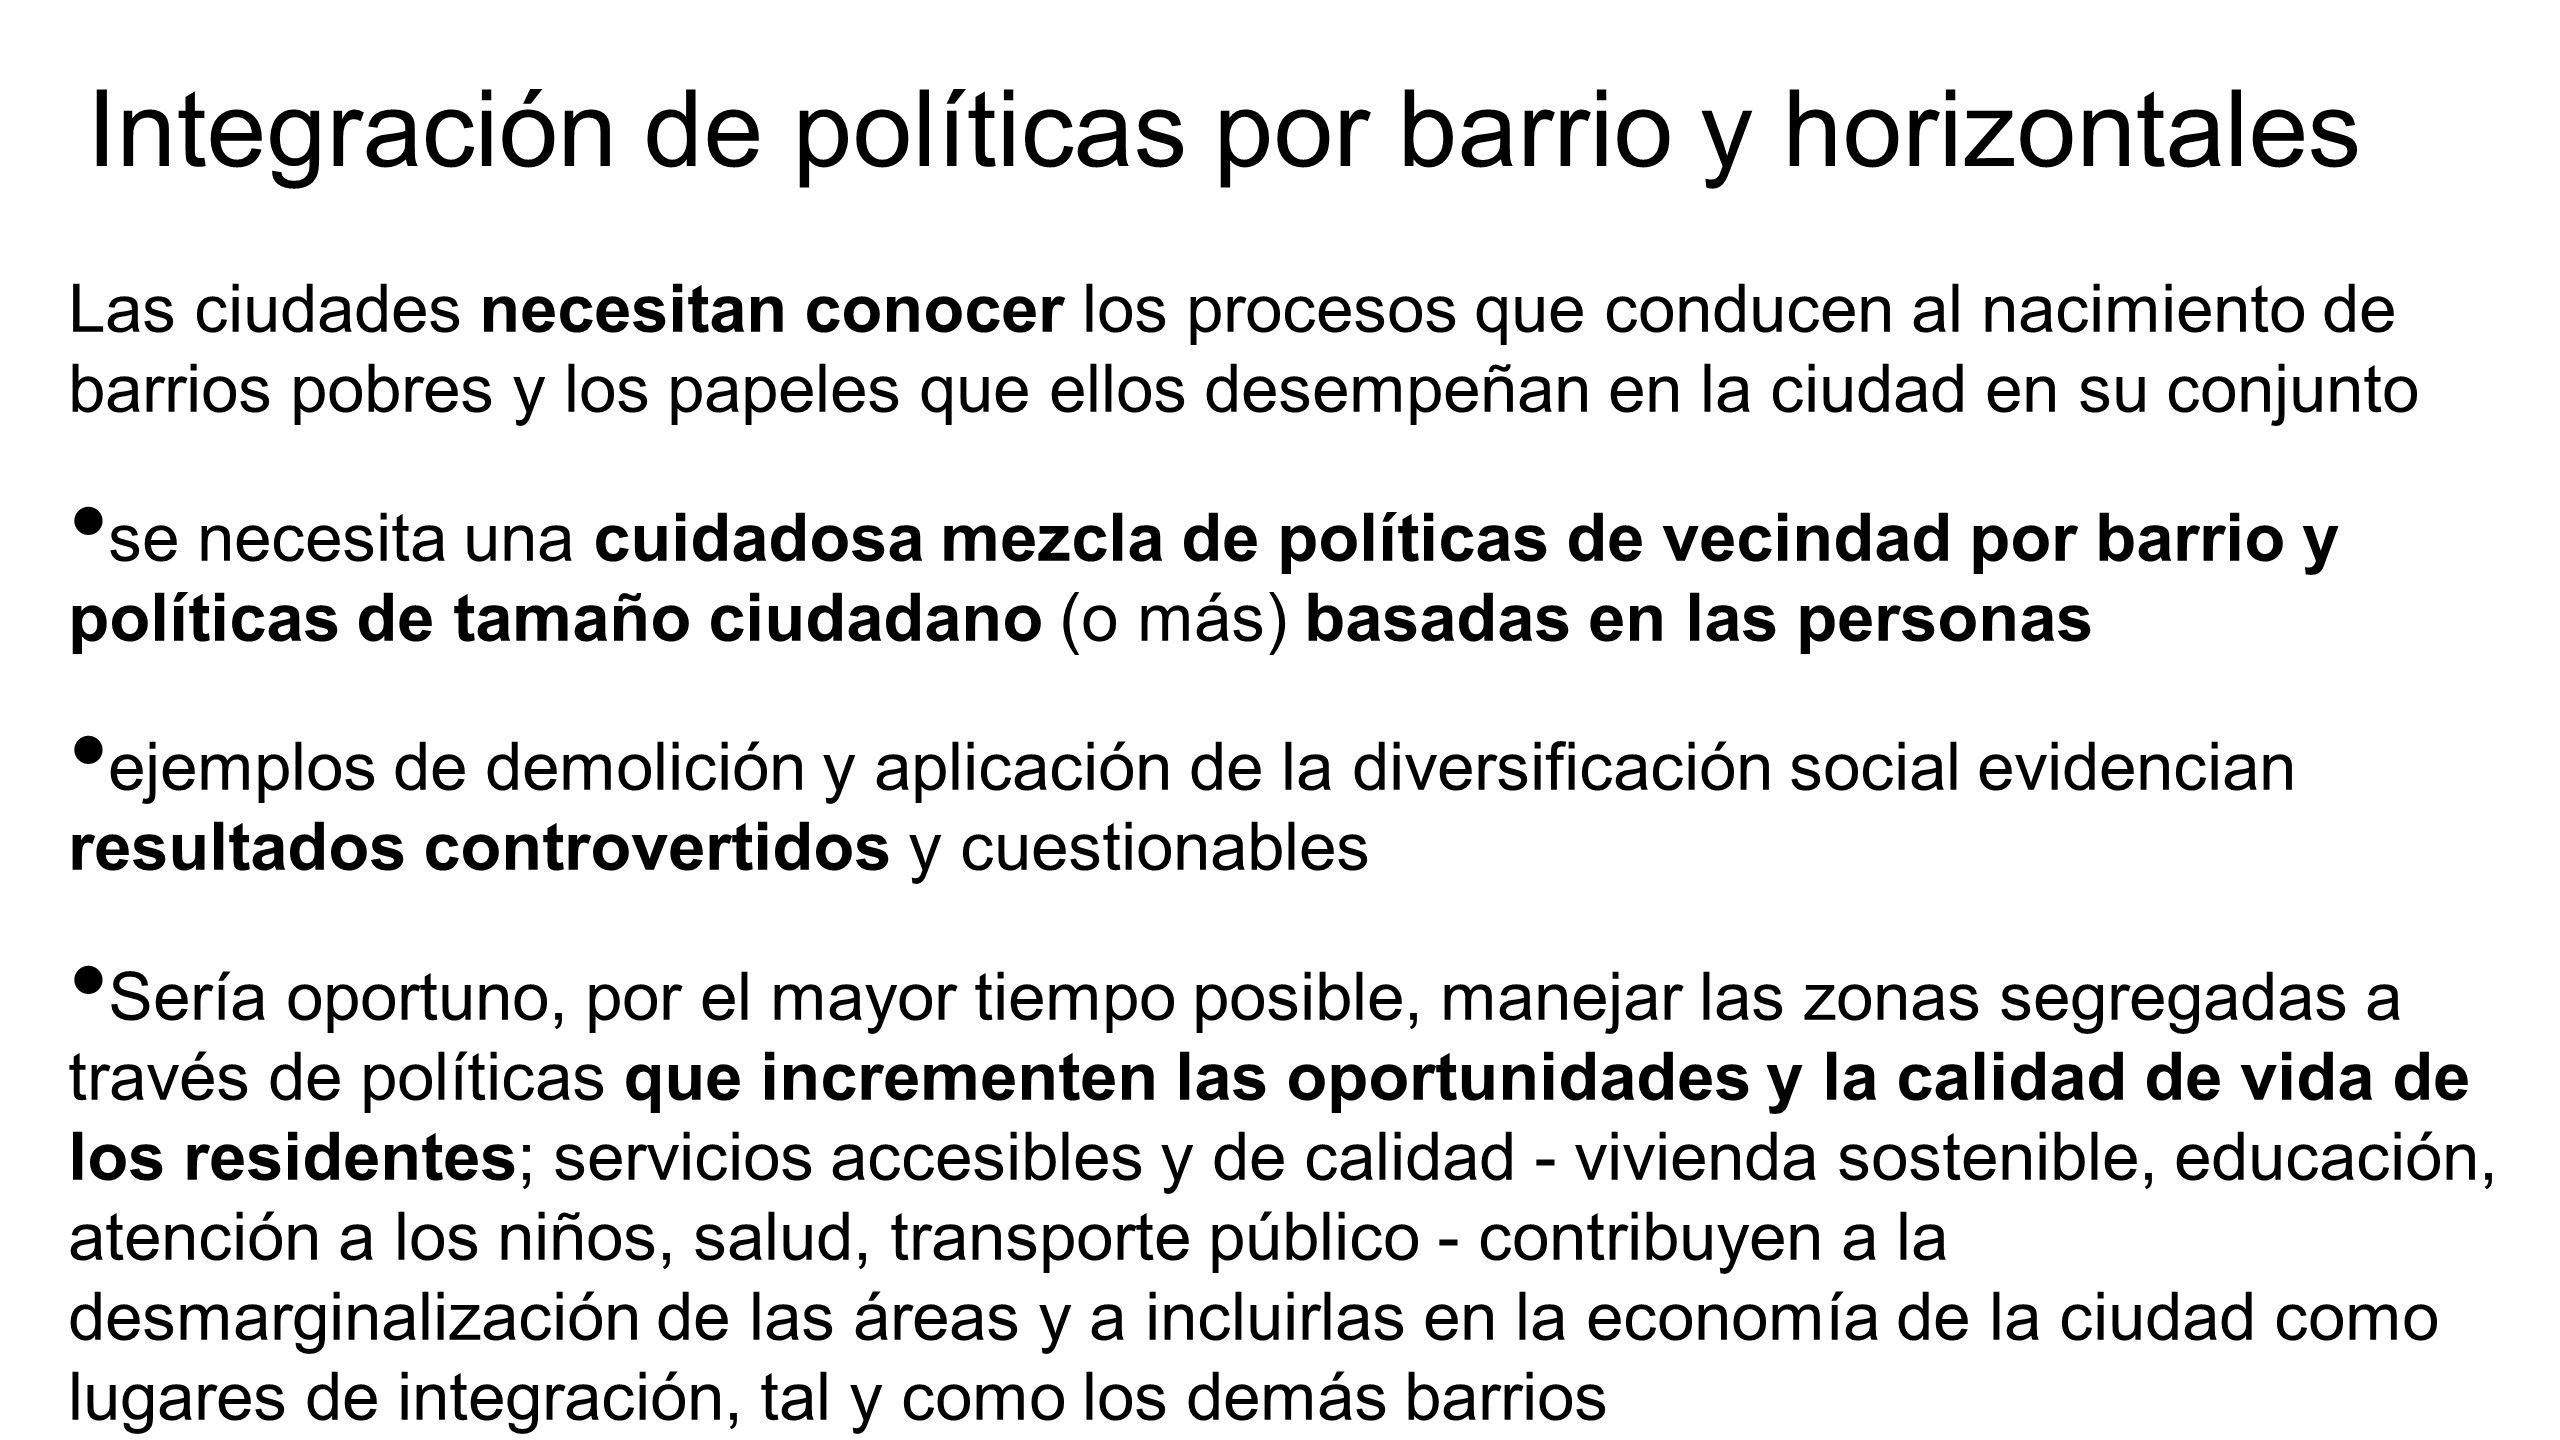 Integración de políticas por barrio y horizontales